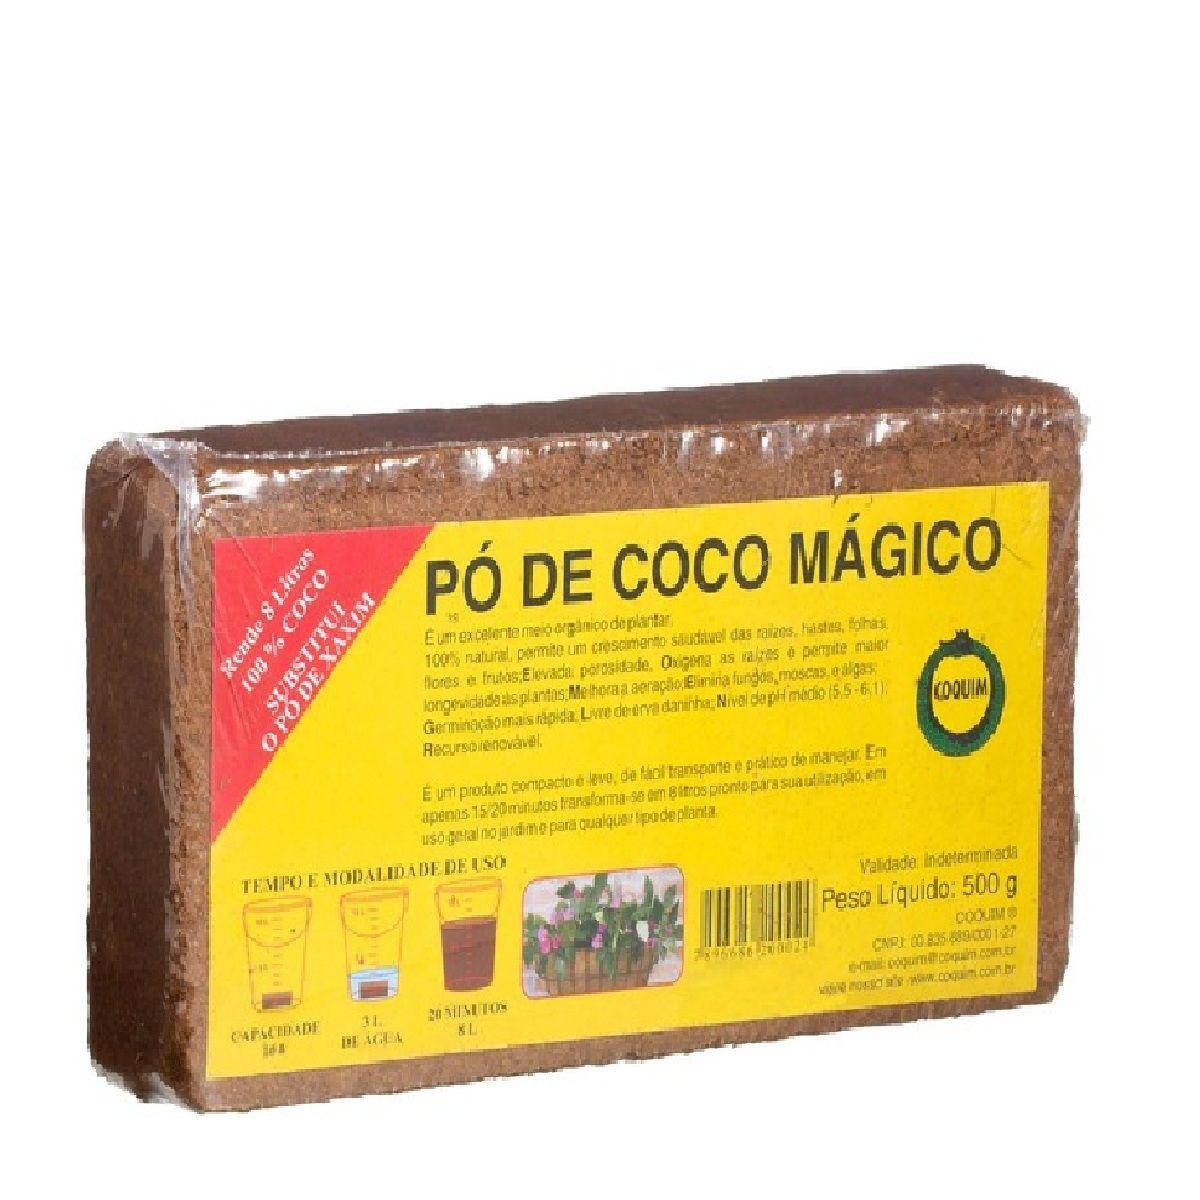 Pó de coco Mágico Tilojo de coco 500g VASART COQUIM